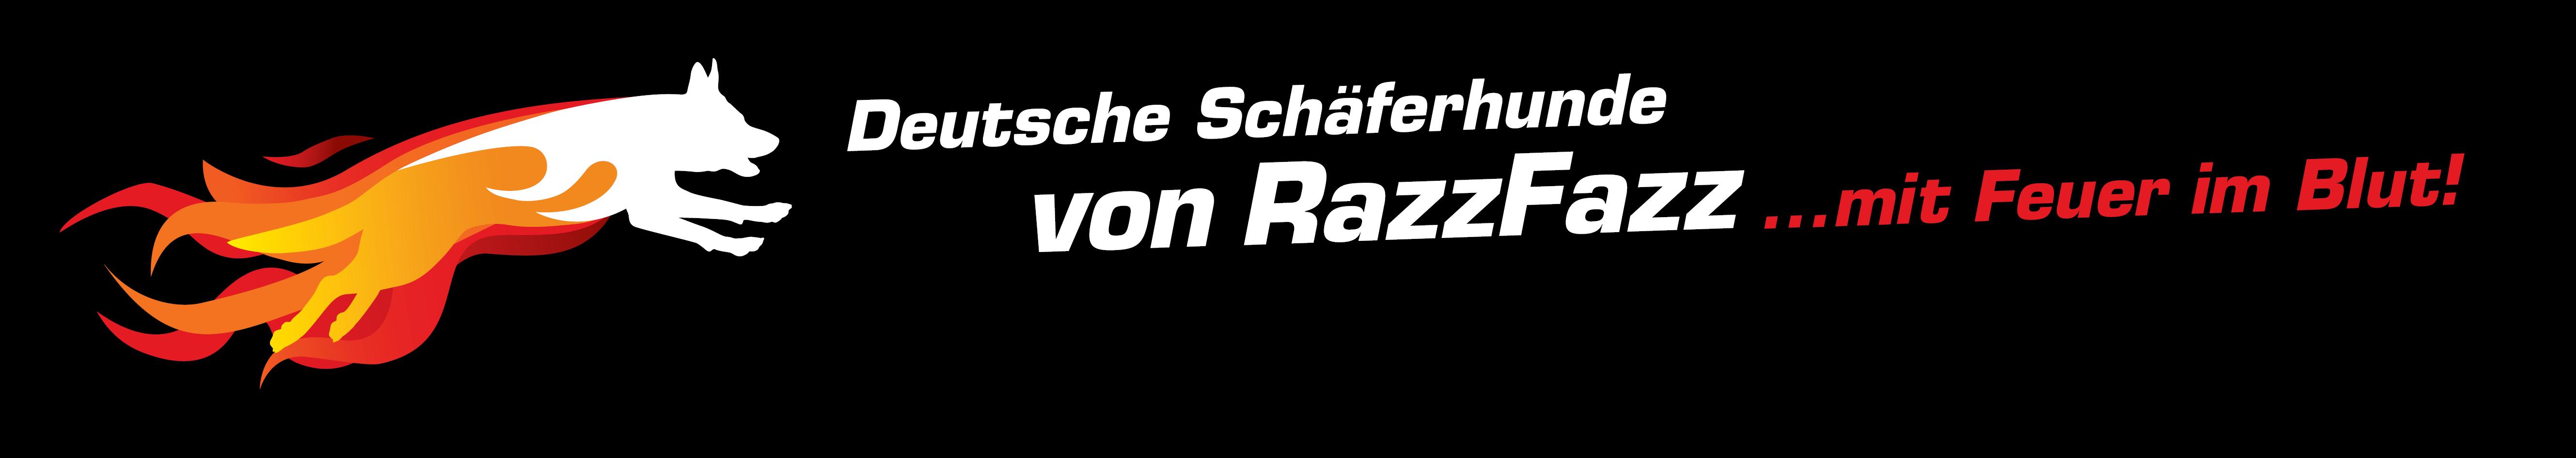 RazzFazz